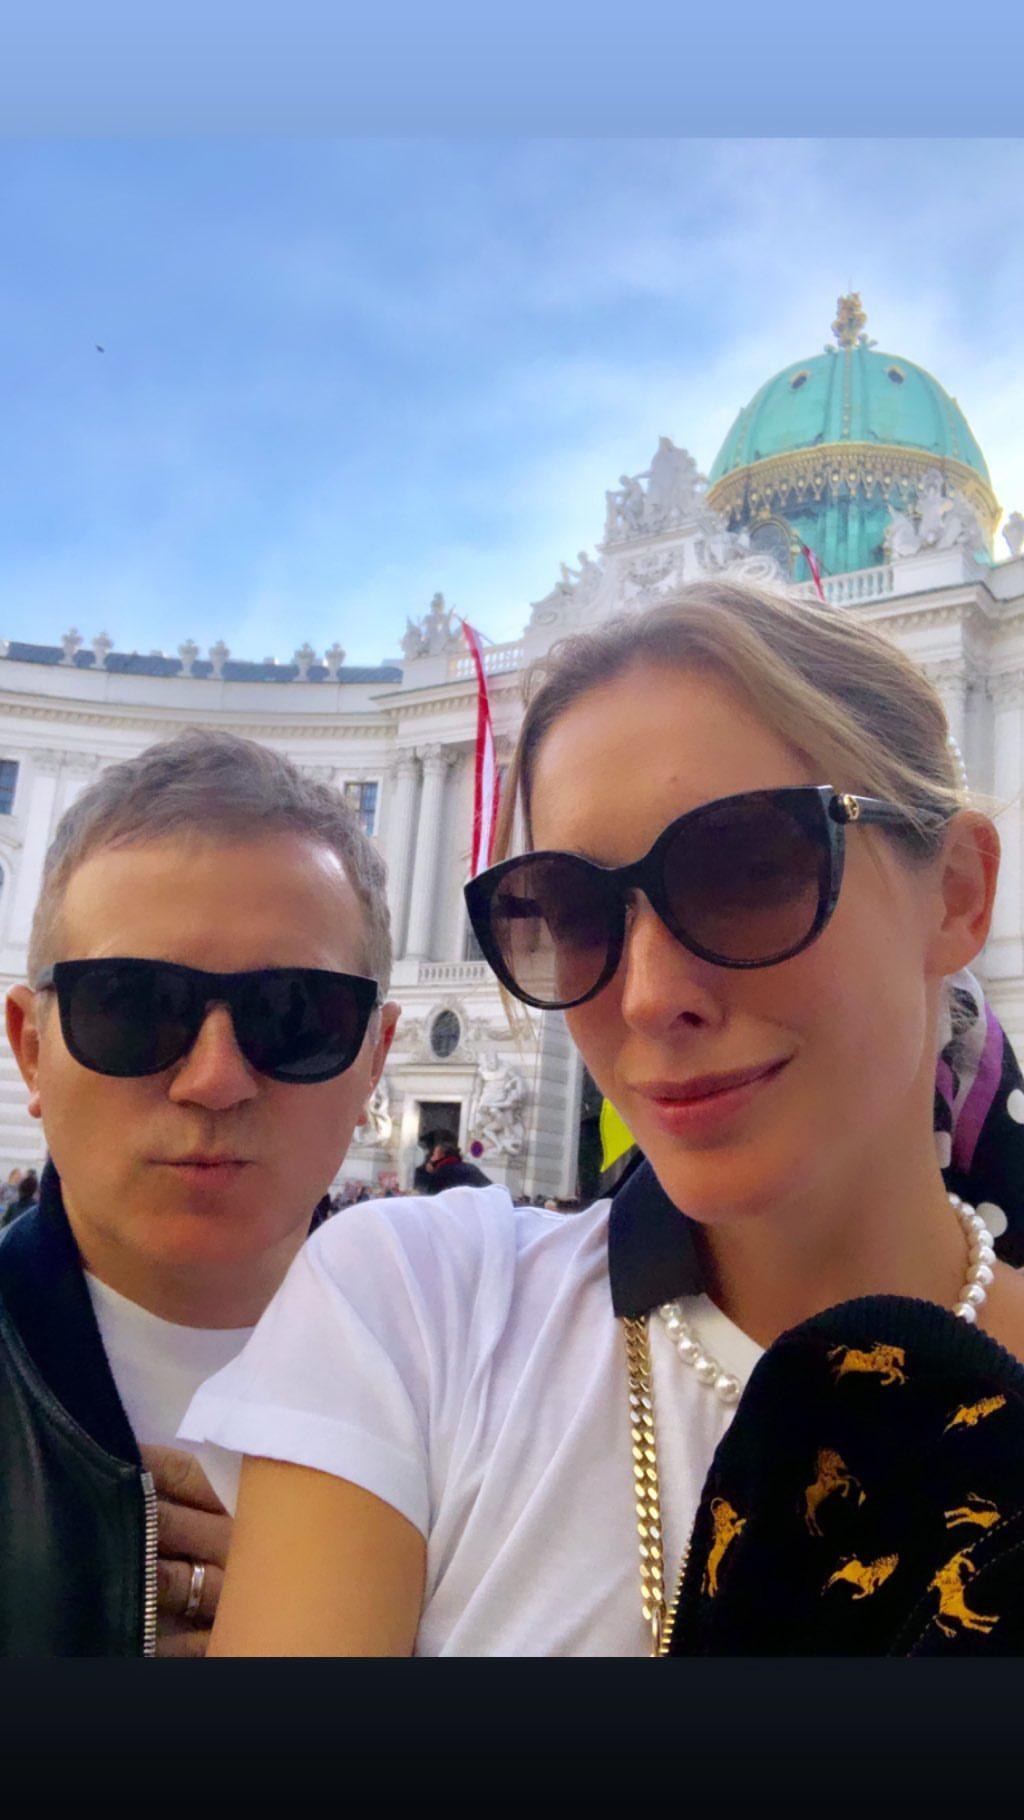 Віденські канікули: Осадча в Австрії поставила Горбунова перед непростим вибором